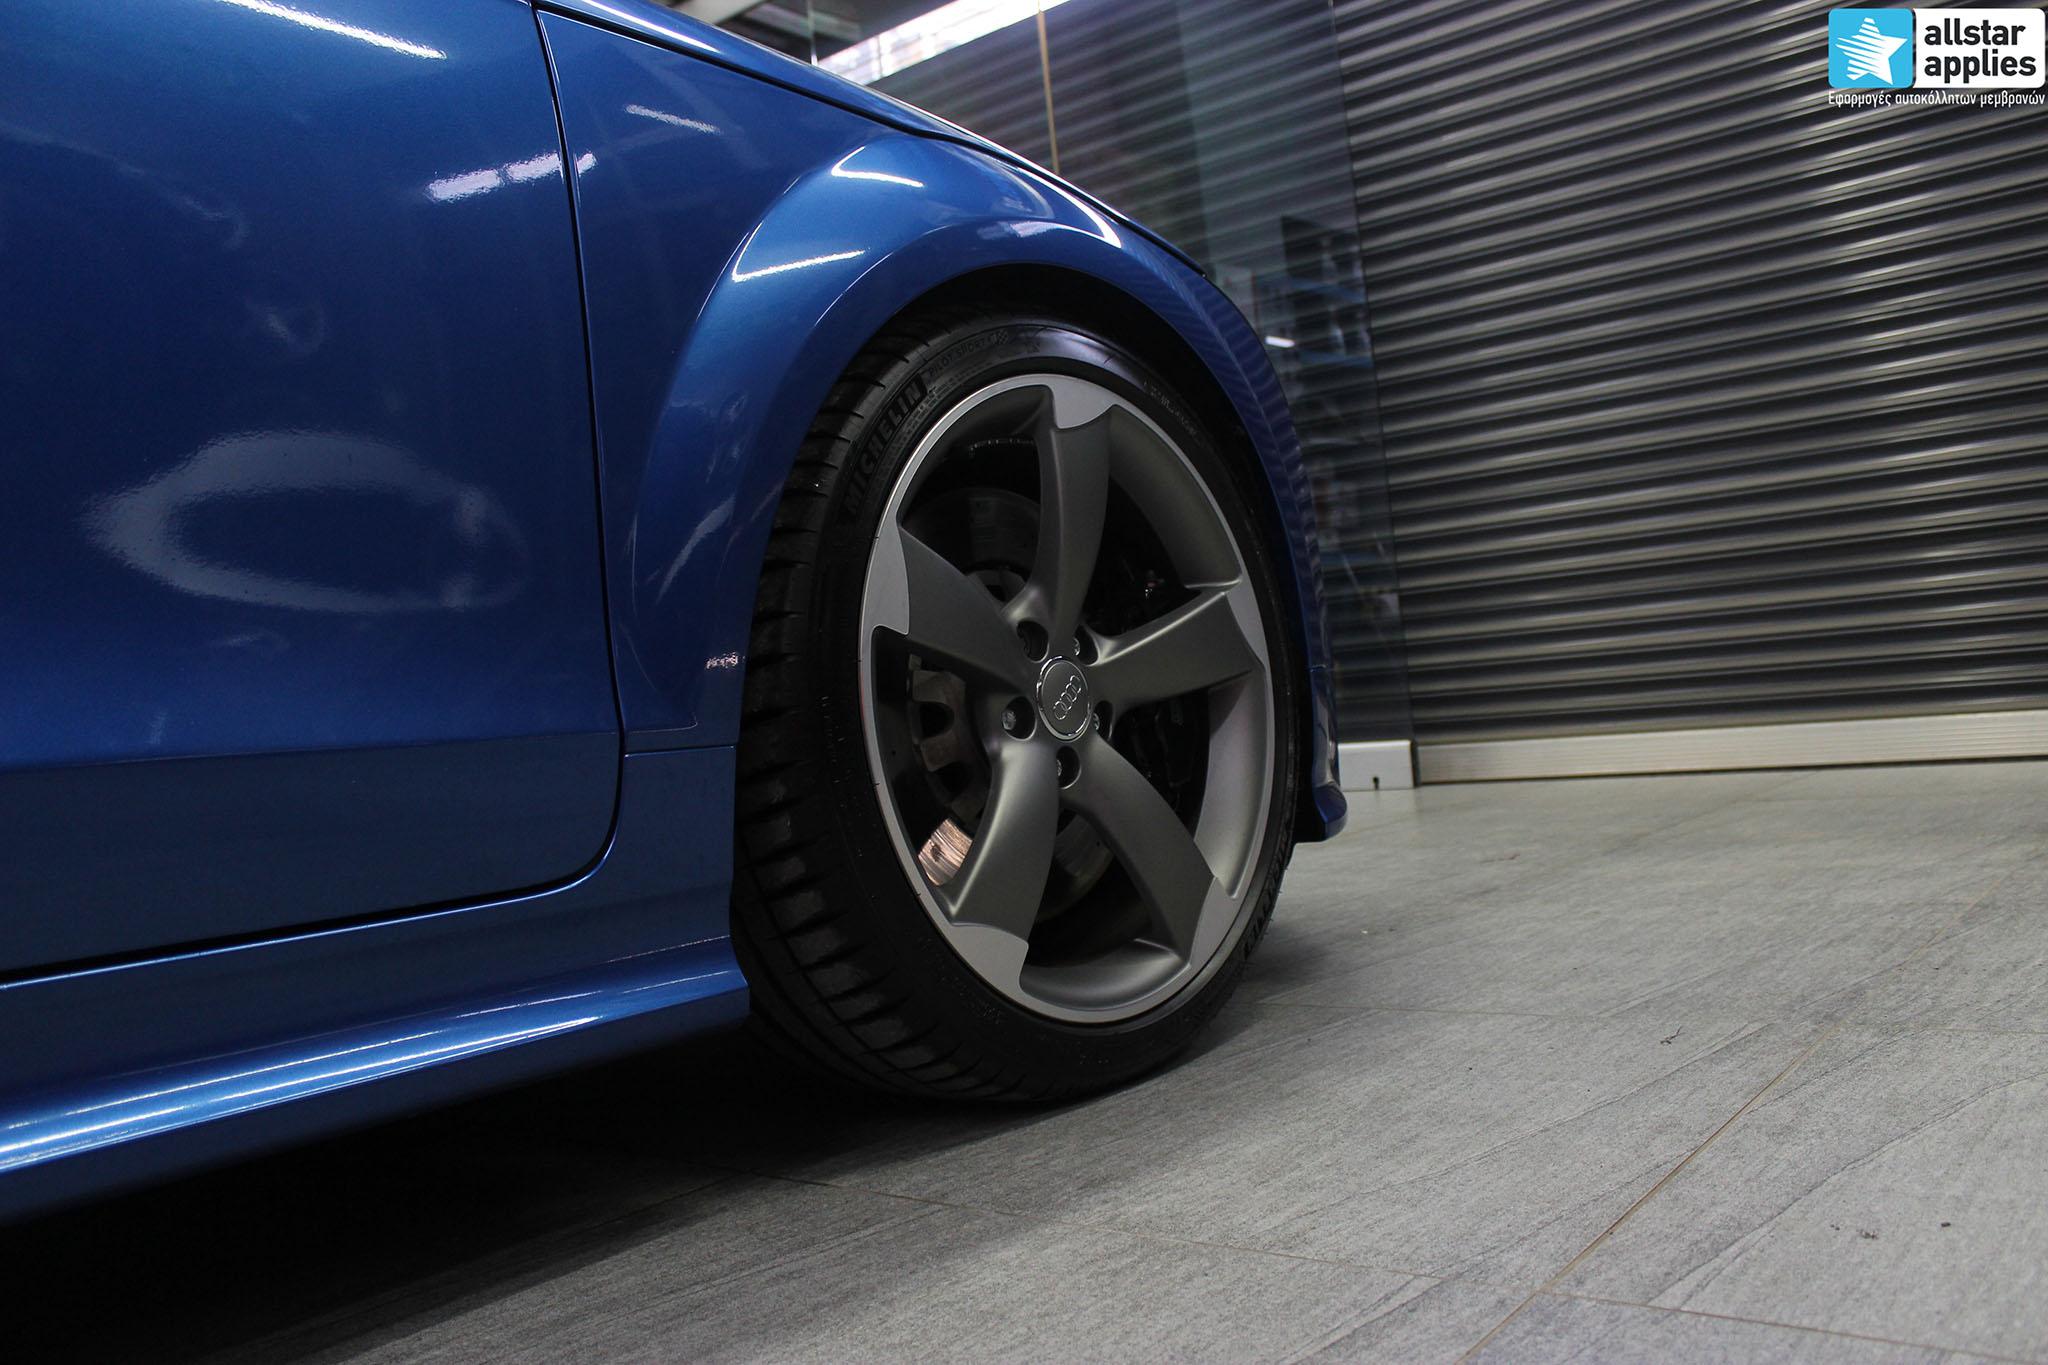 Audi TTS - Daytona Blue (16)